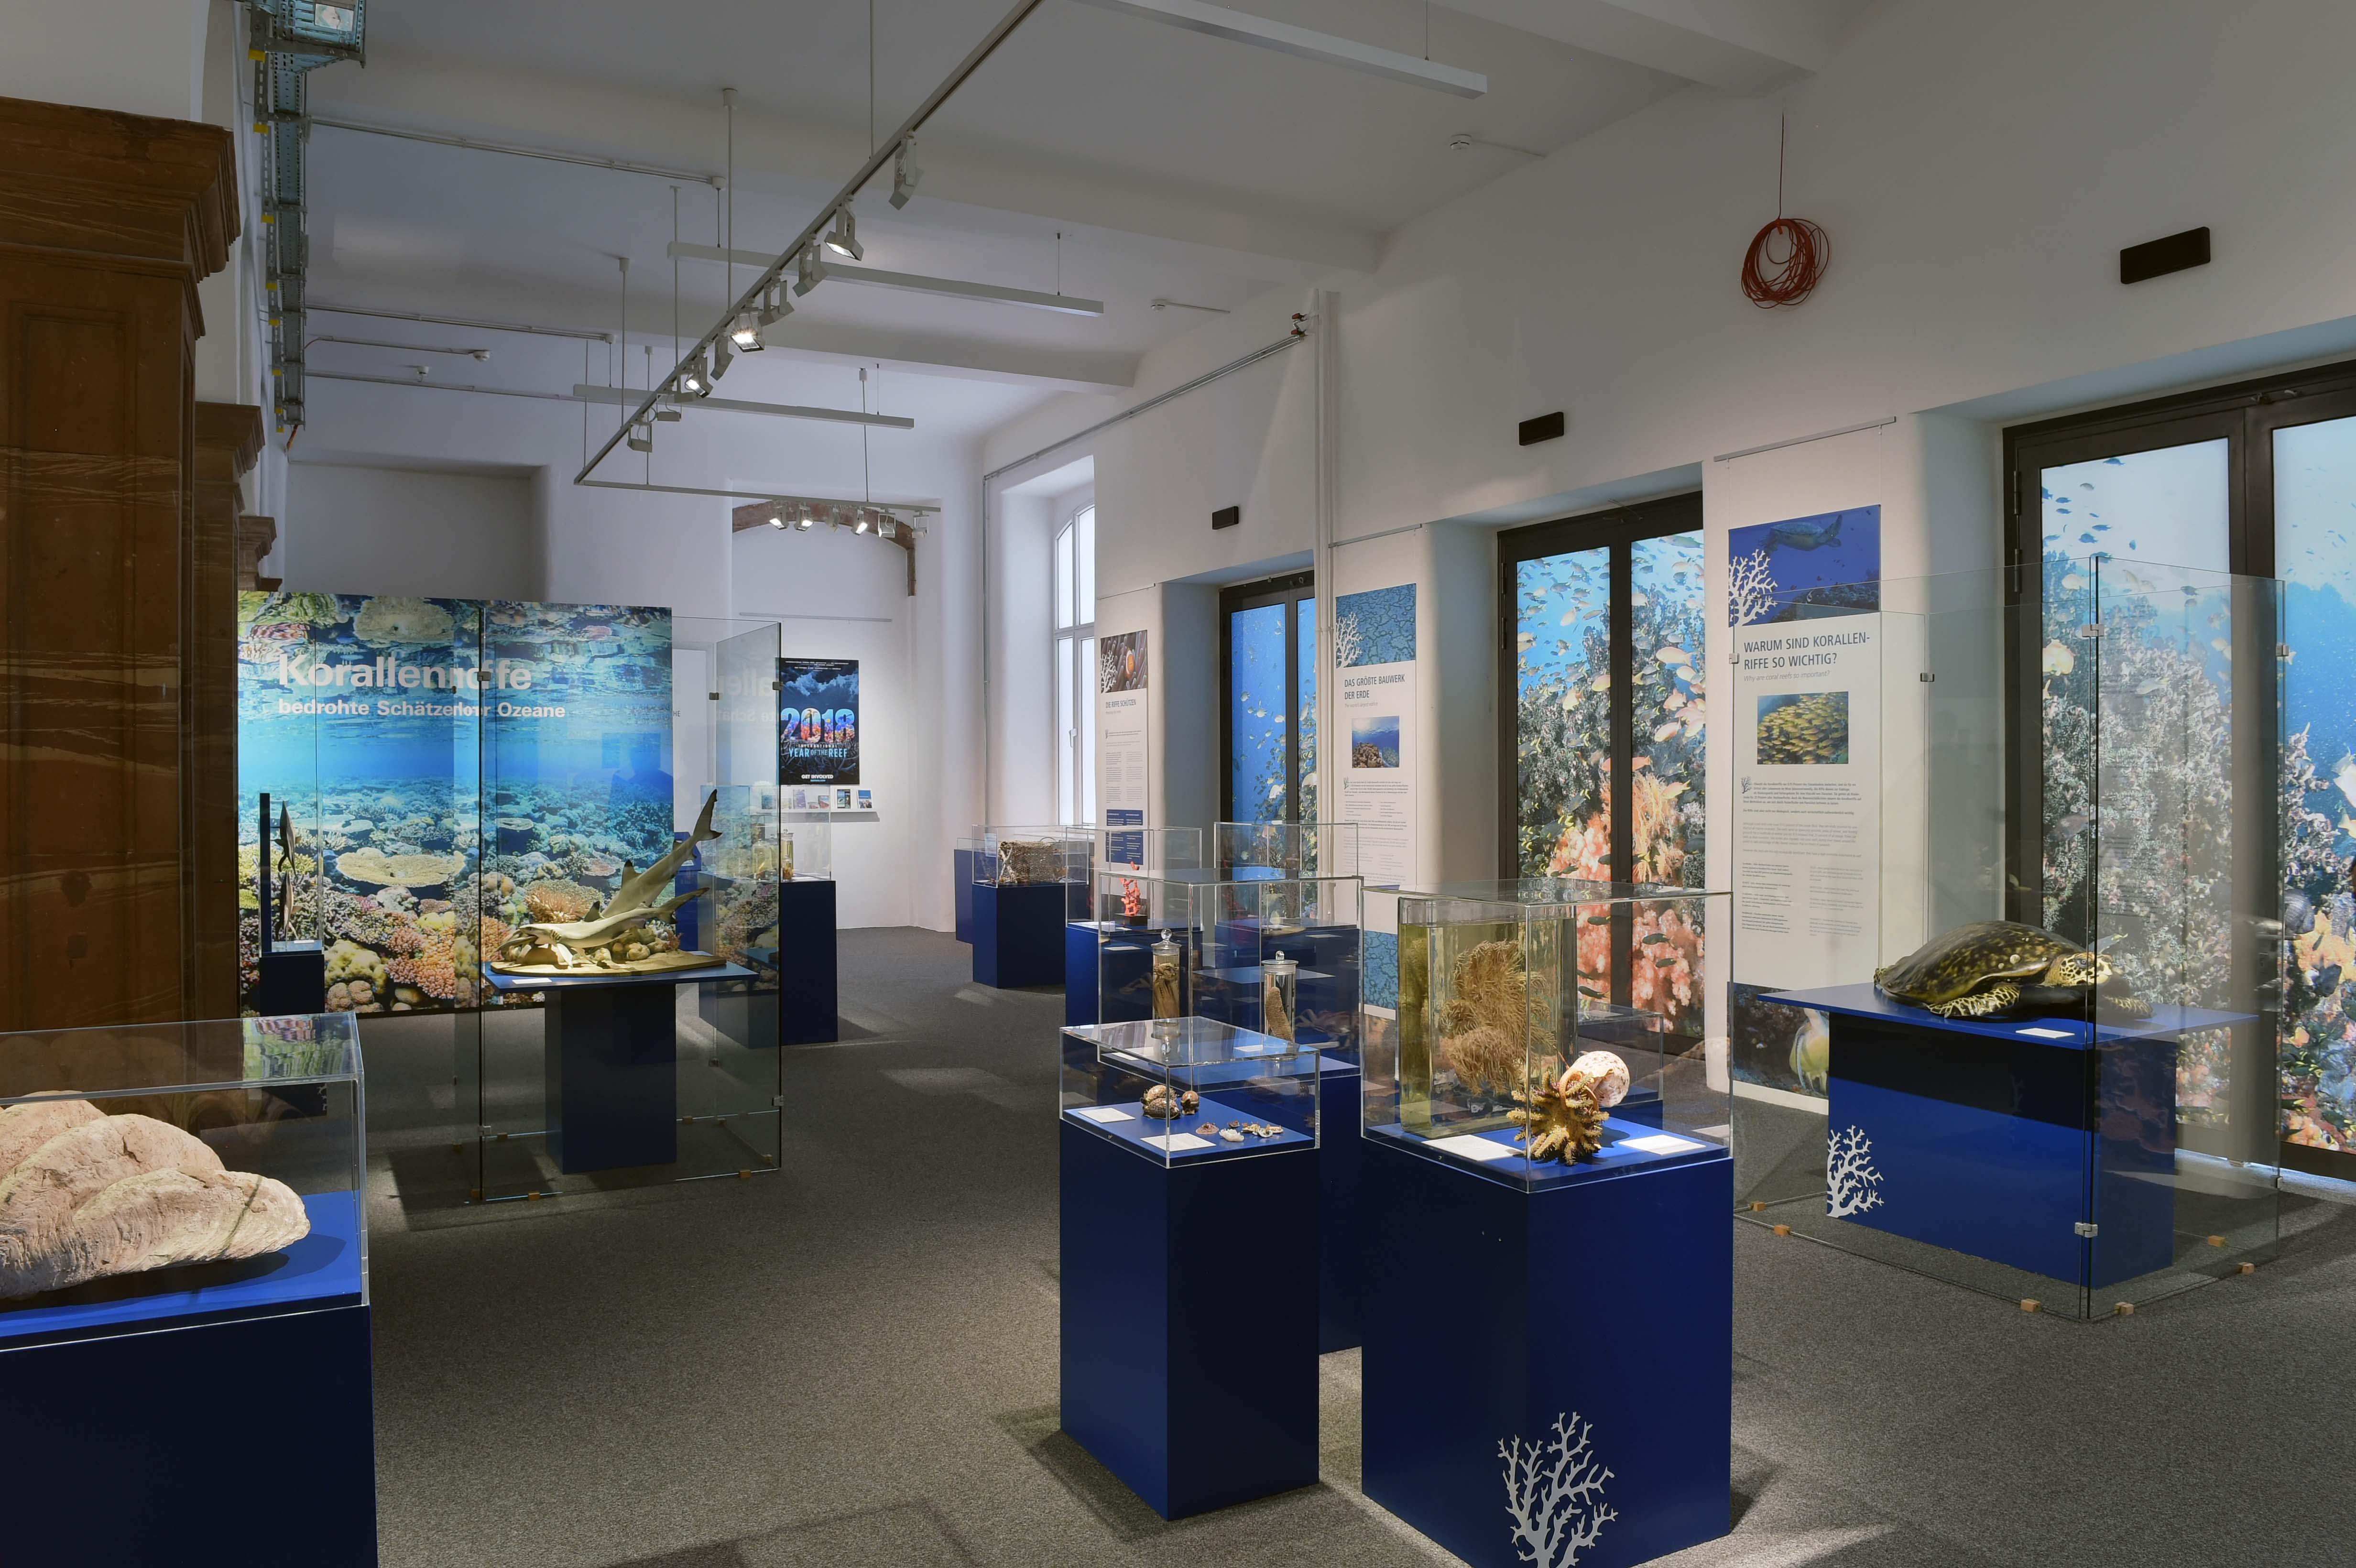 Korallenriffe Ausstellungsraum